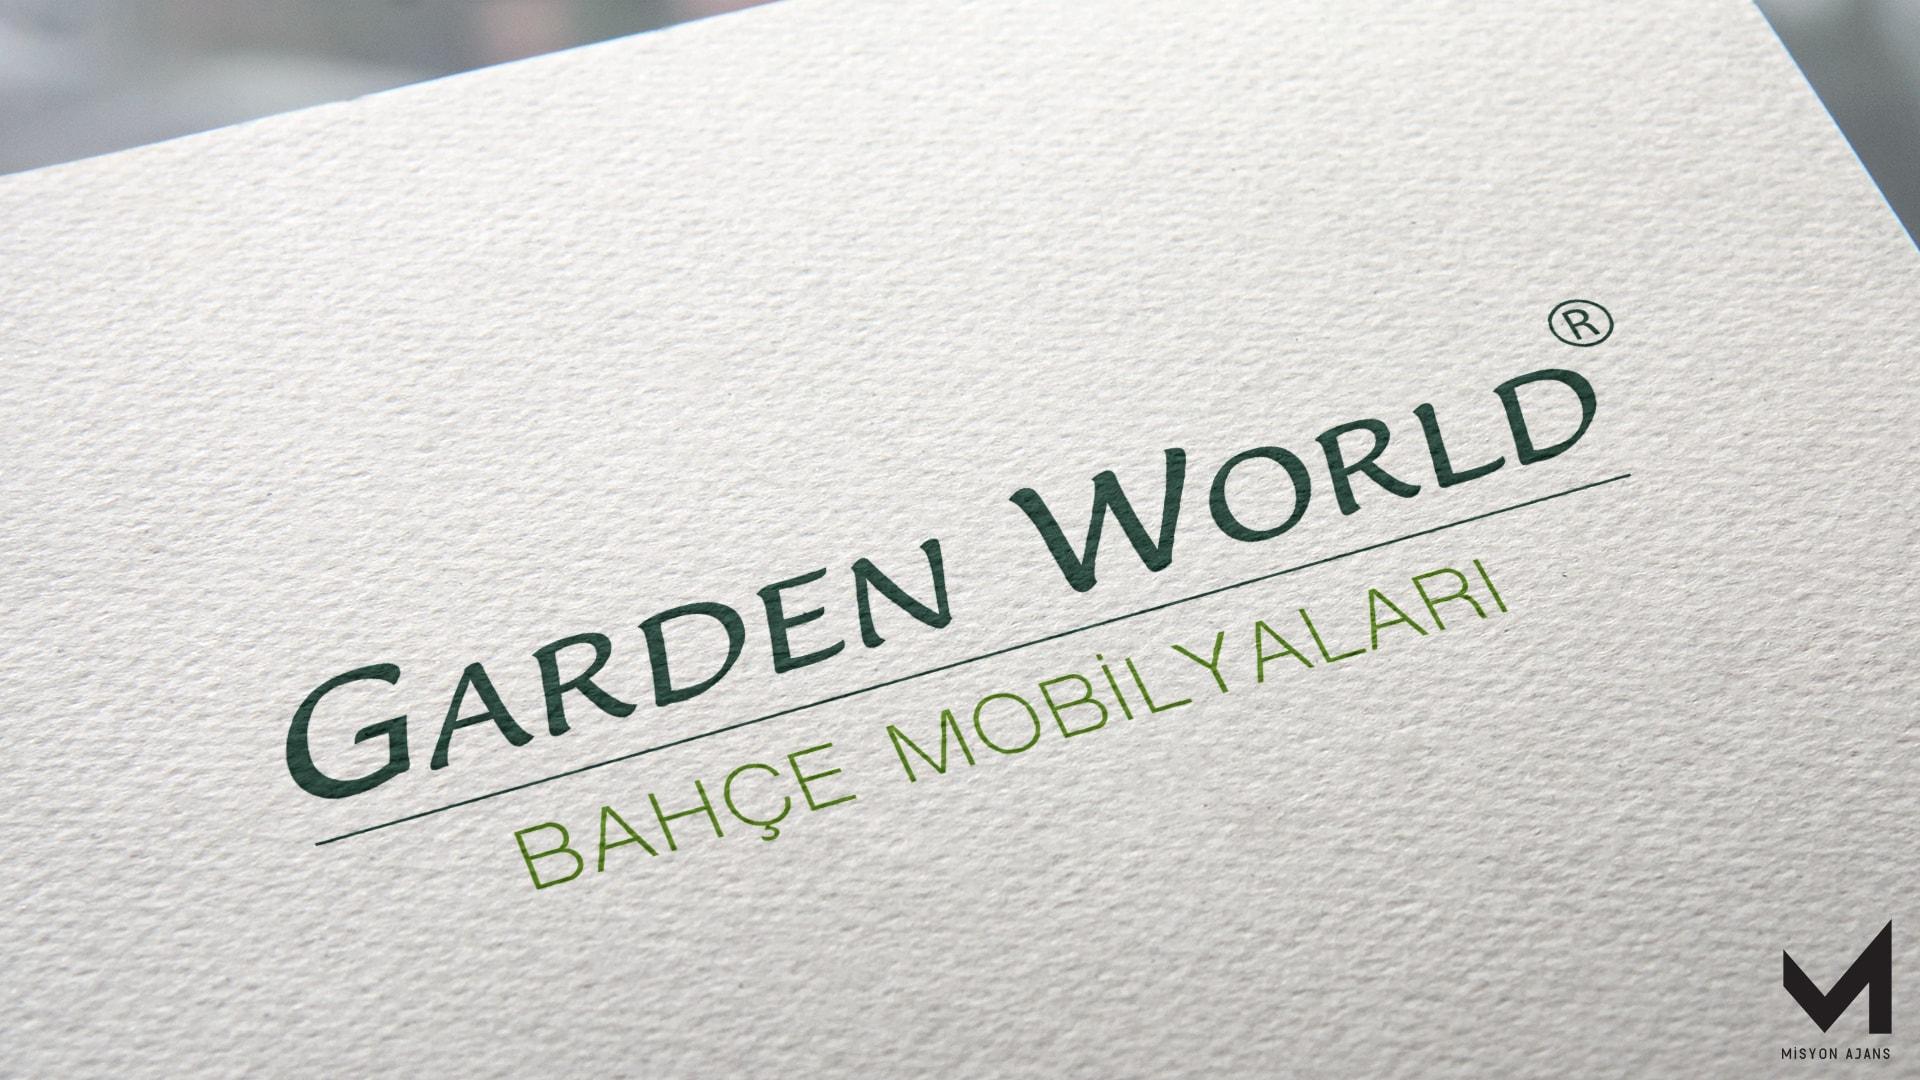 Garden World Kurumsal Kimlik Çalışması